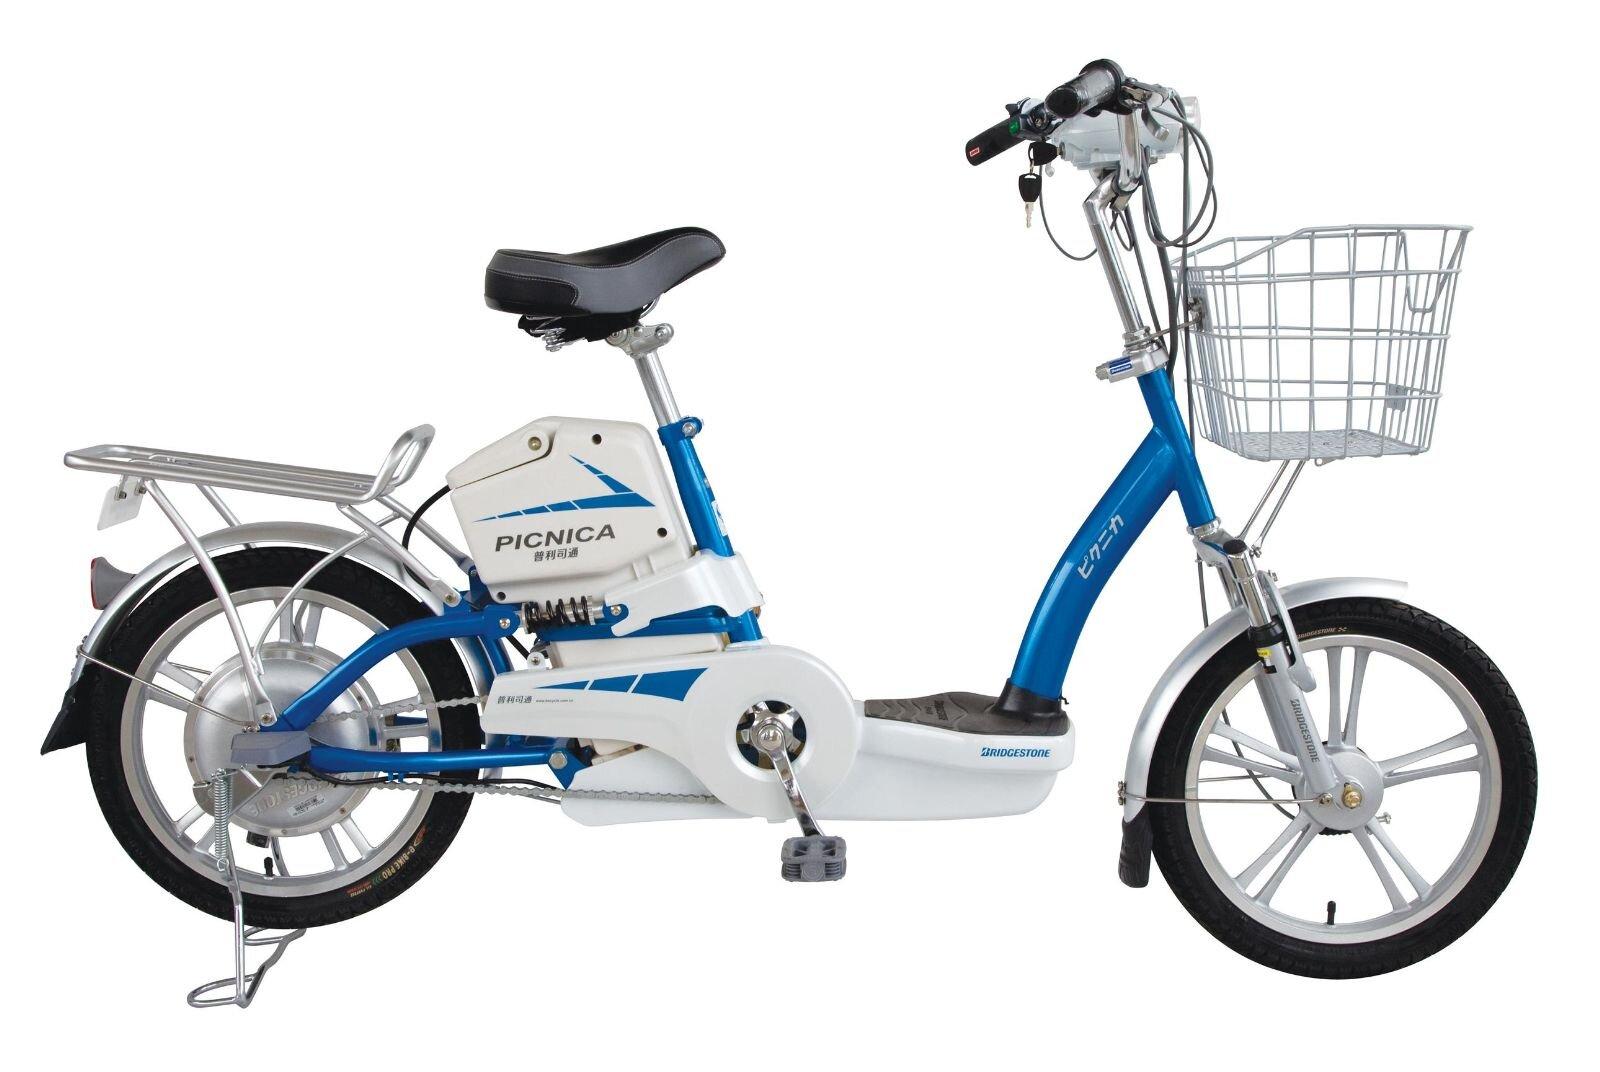 Bảng giá xe đạp điện Bridgestone mới nhất cập nhật thị trường tháng 4/2016